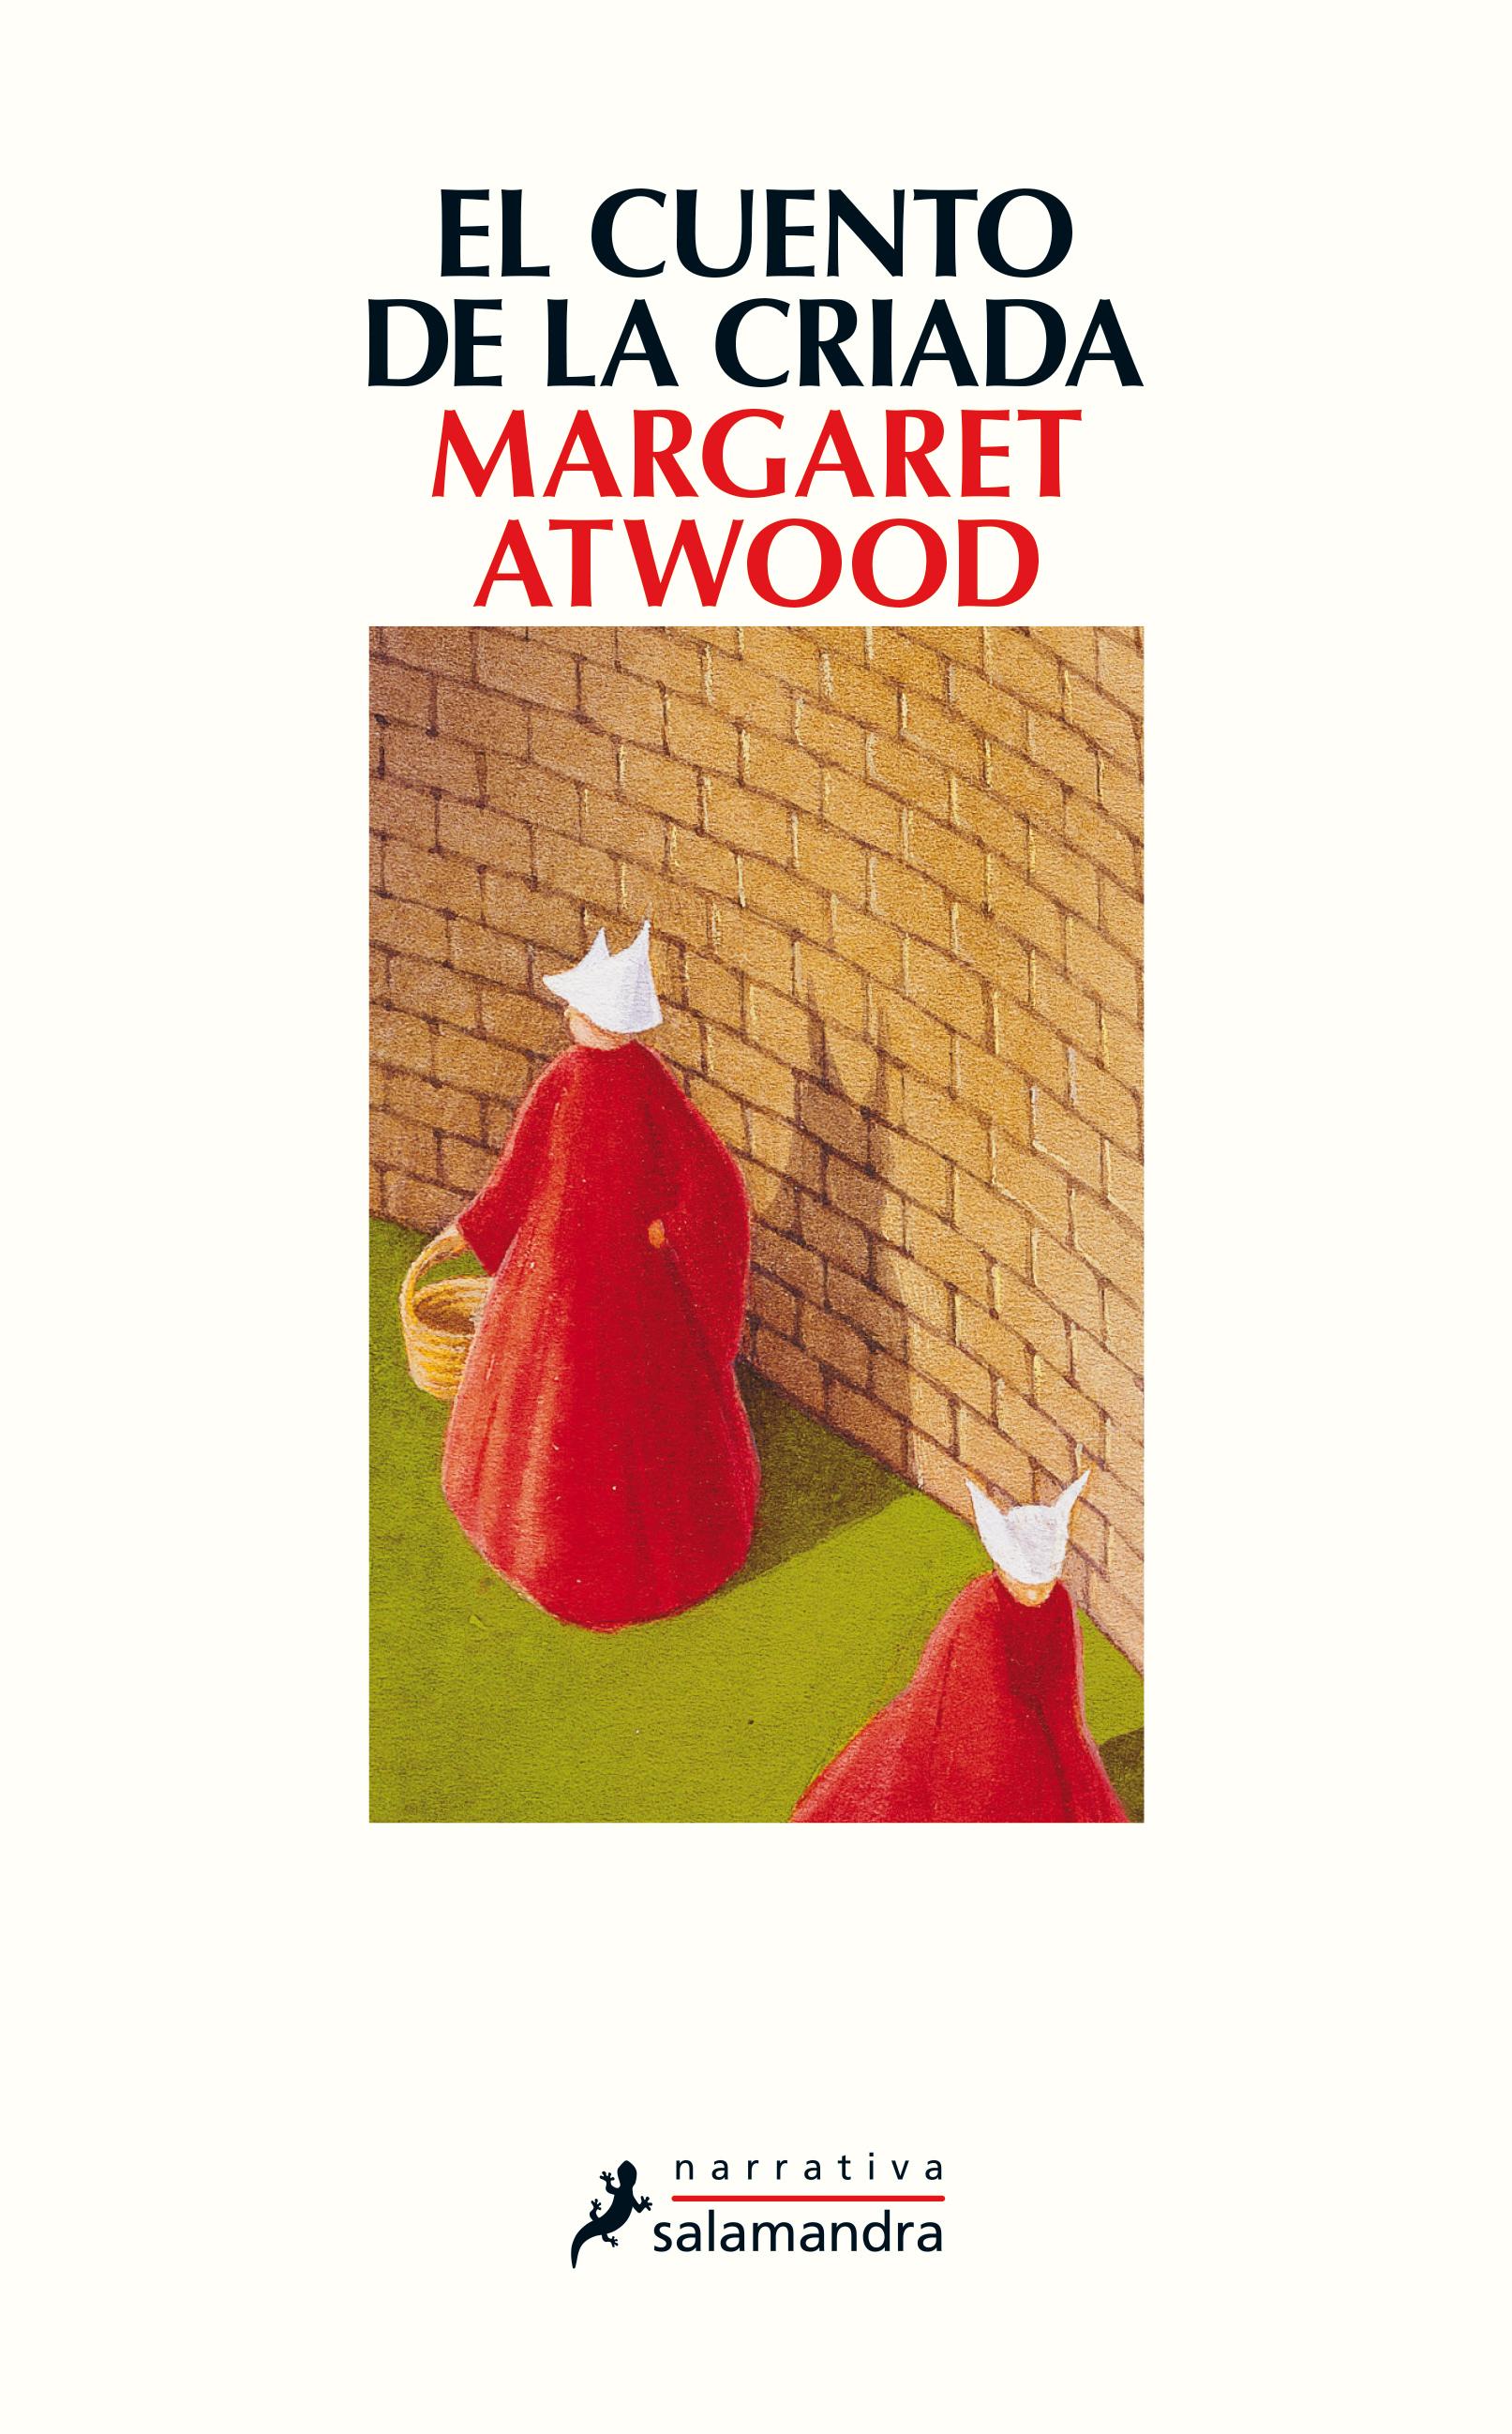 El cuento de la criada,Margaret Atwood